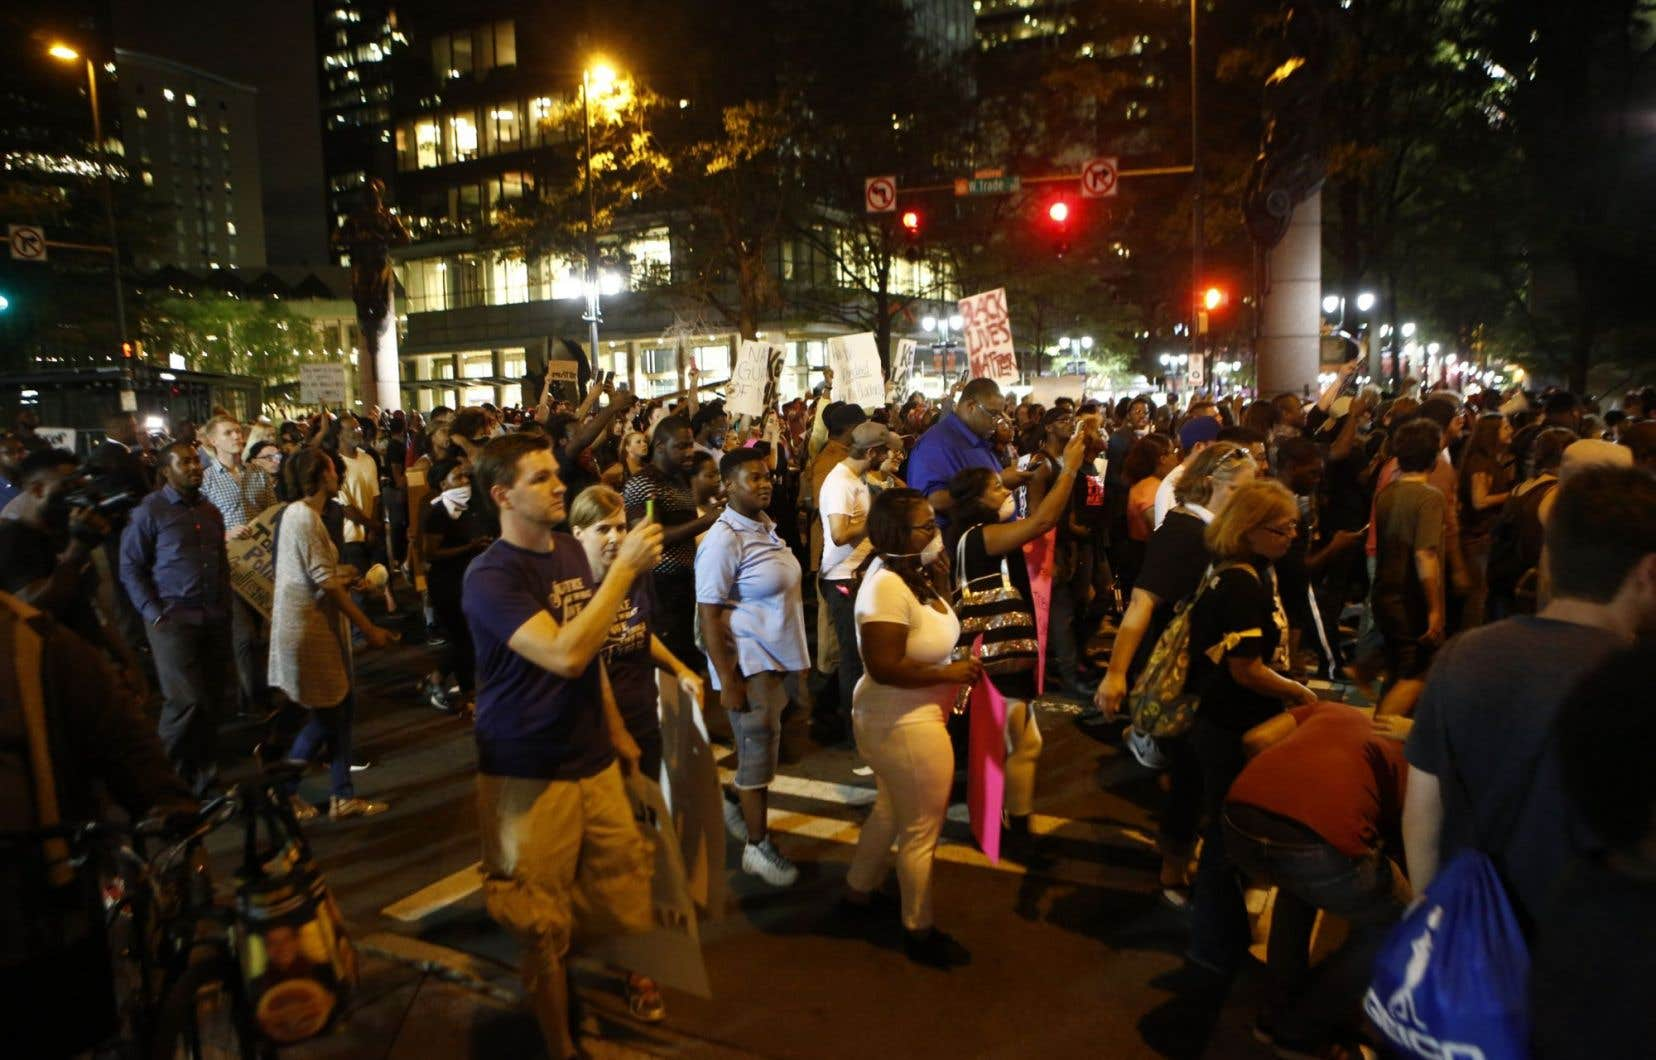 Une atmosphère calme régnait parmi les quelques centaines de manifestants qui arpentaient les rues, en début de soirée.